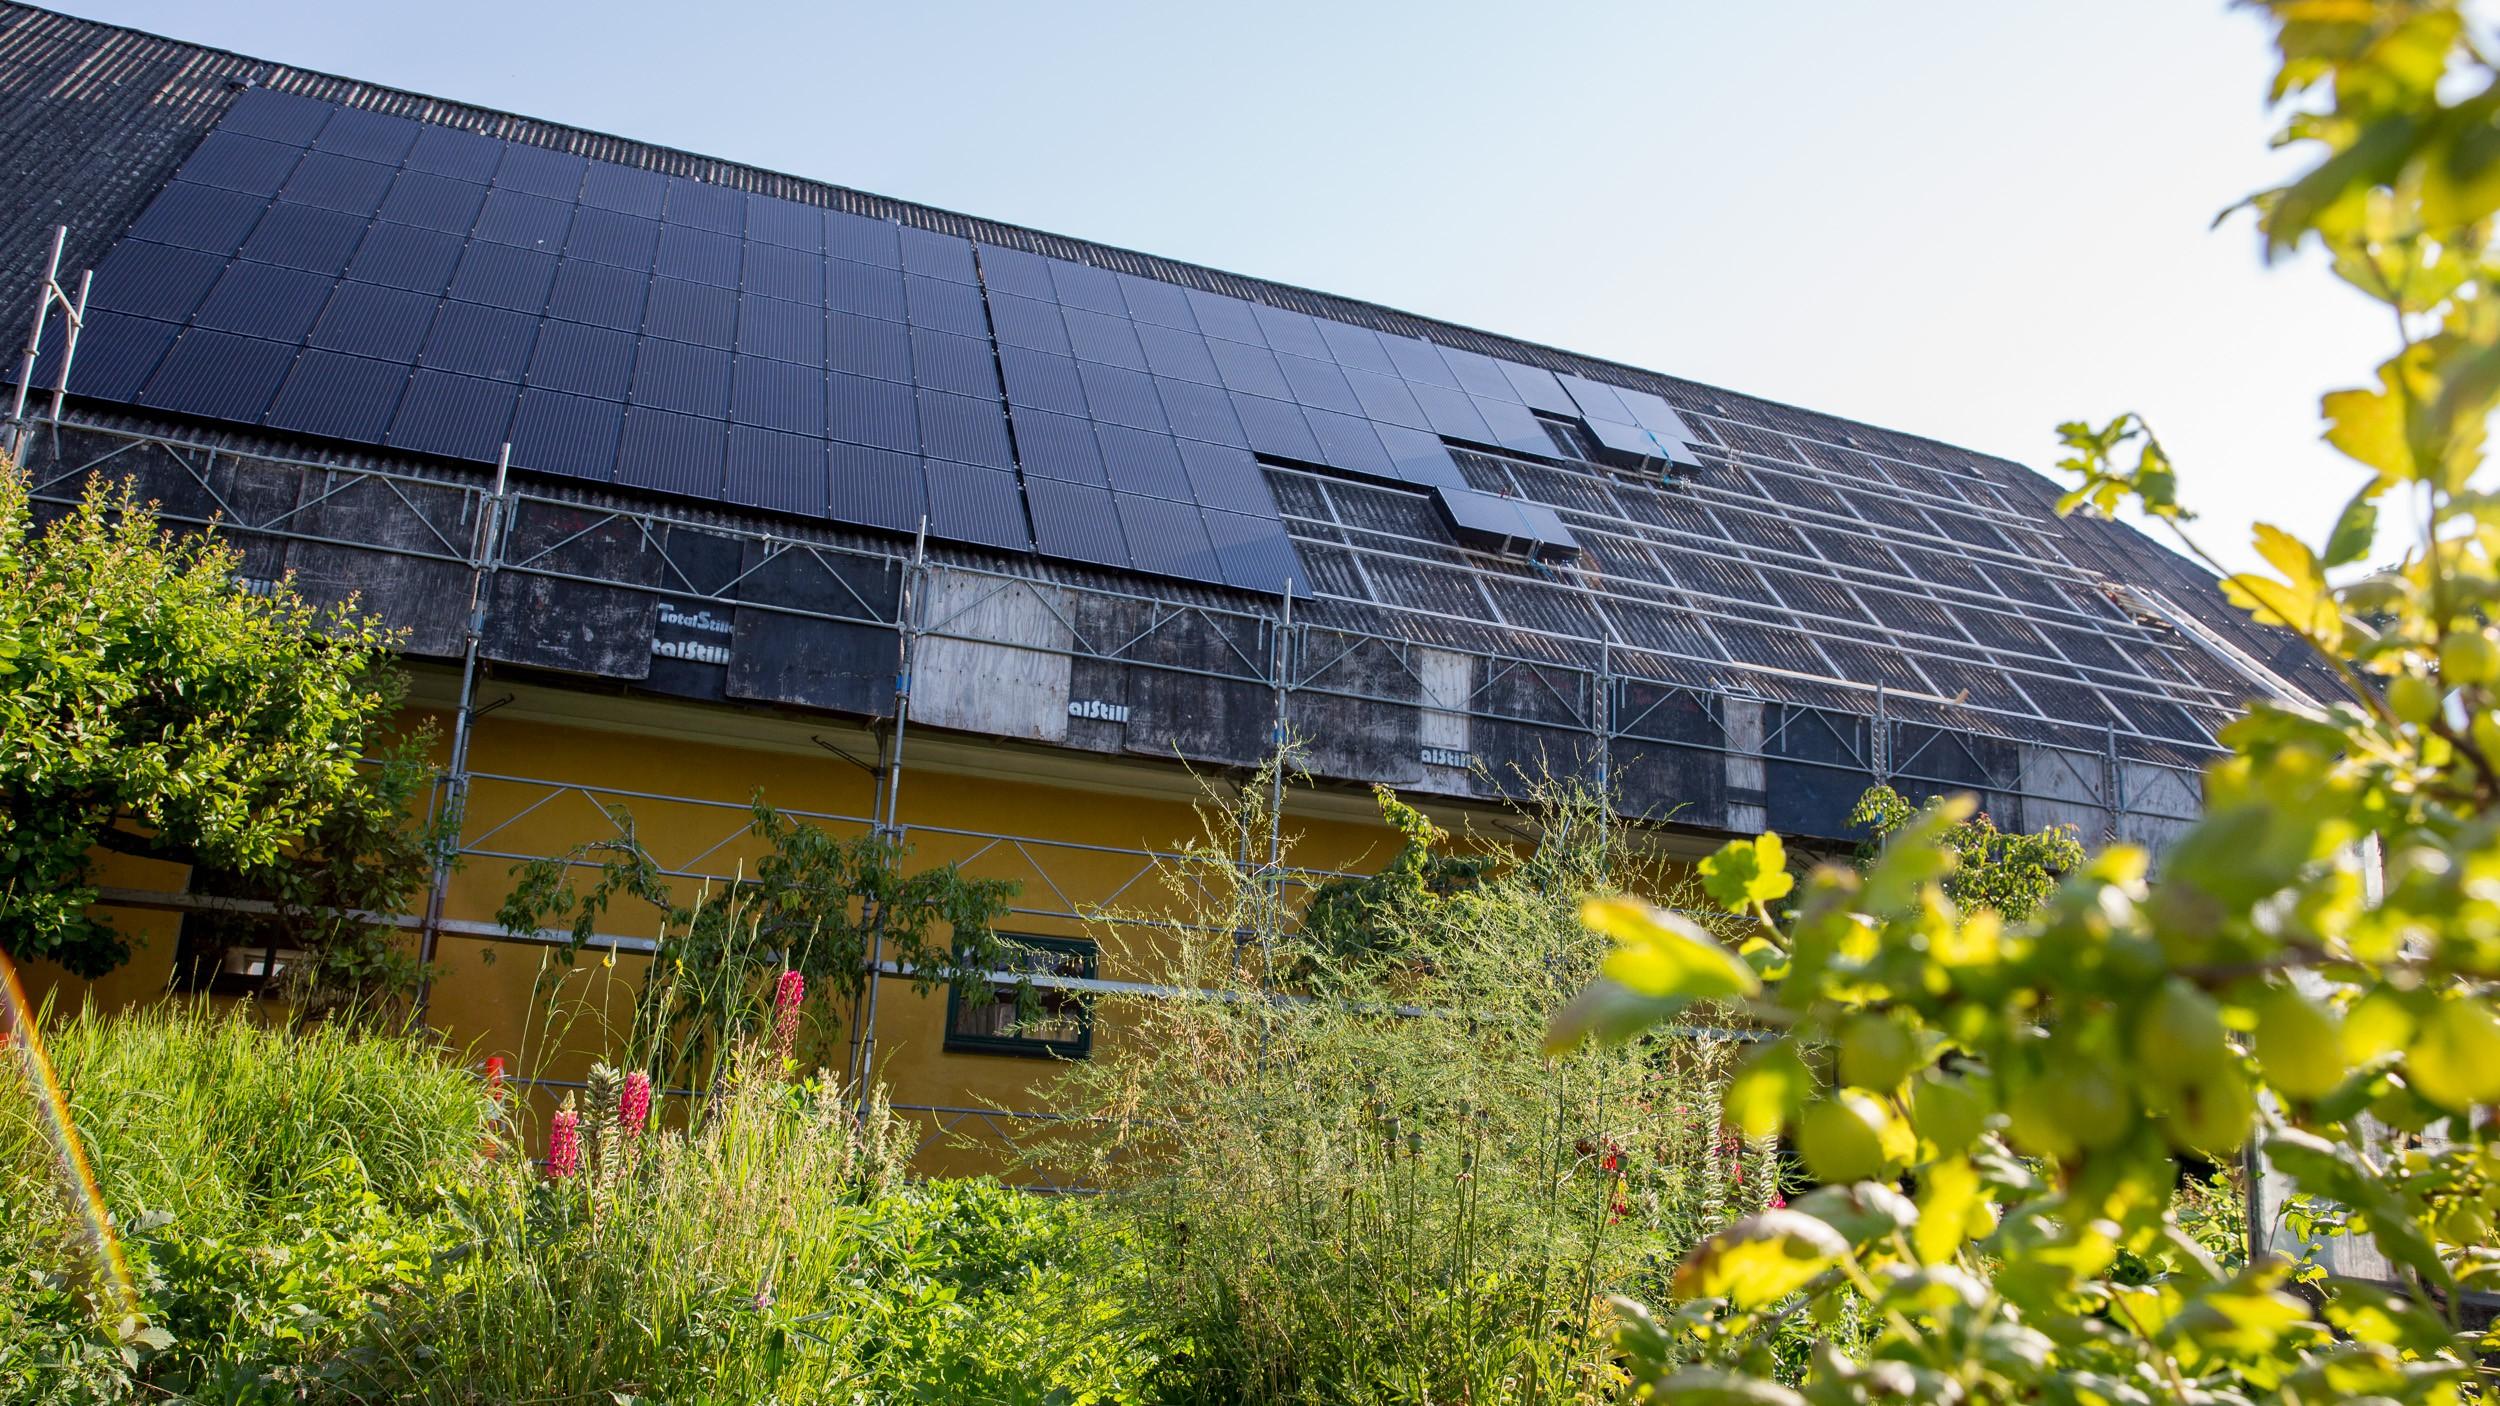 Nyt anlæg til solenergi & jordvarme